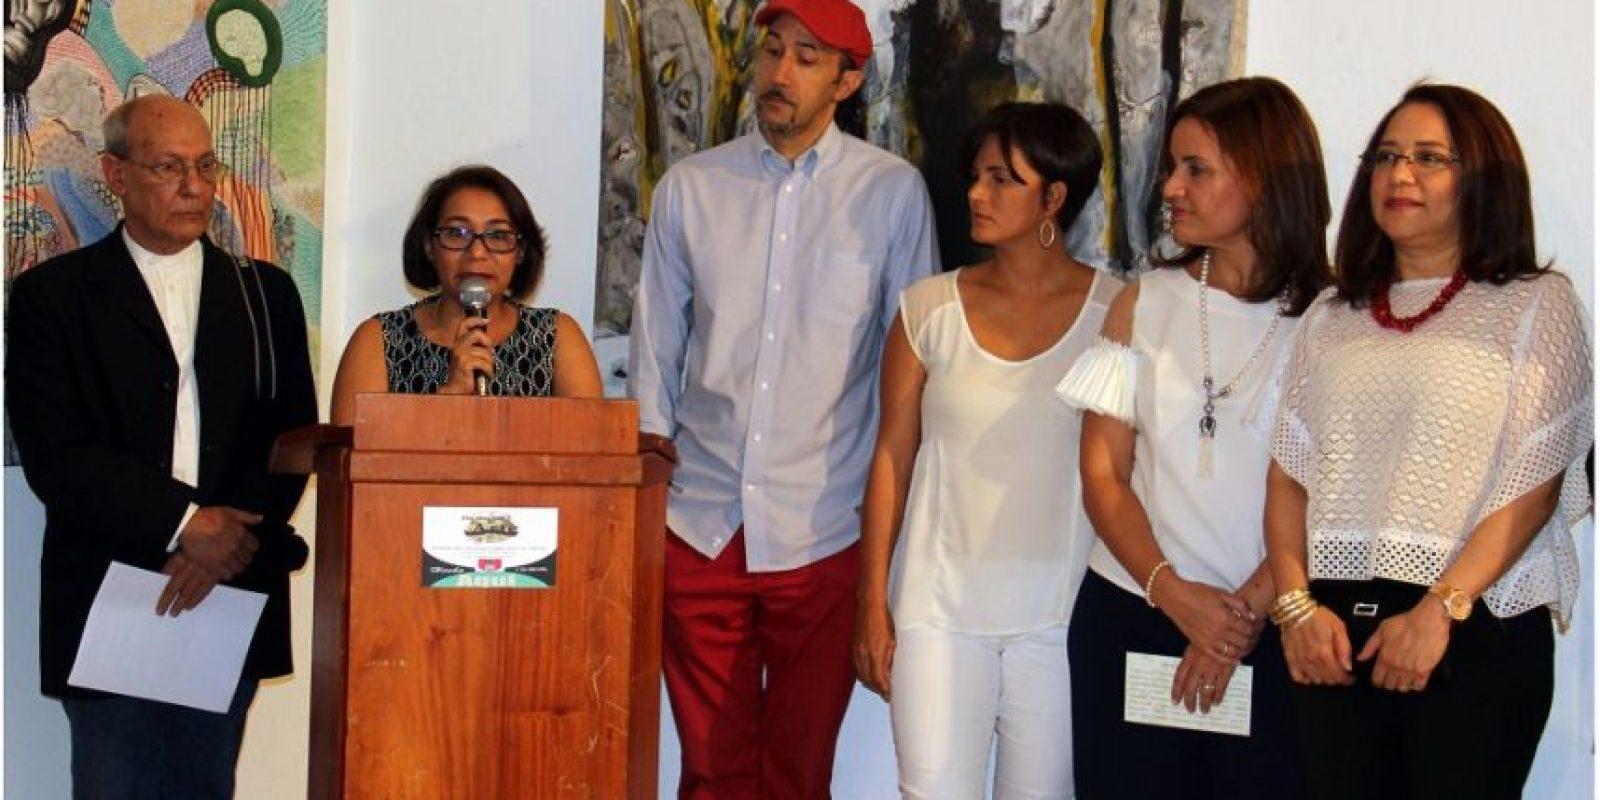 Marín López, Fátima Morel, Manuel Antuñano, Parmelia Matos, Ana Virginia Berrido y Patricia Gamundi. Foto:Fuente externa